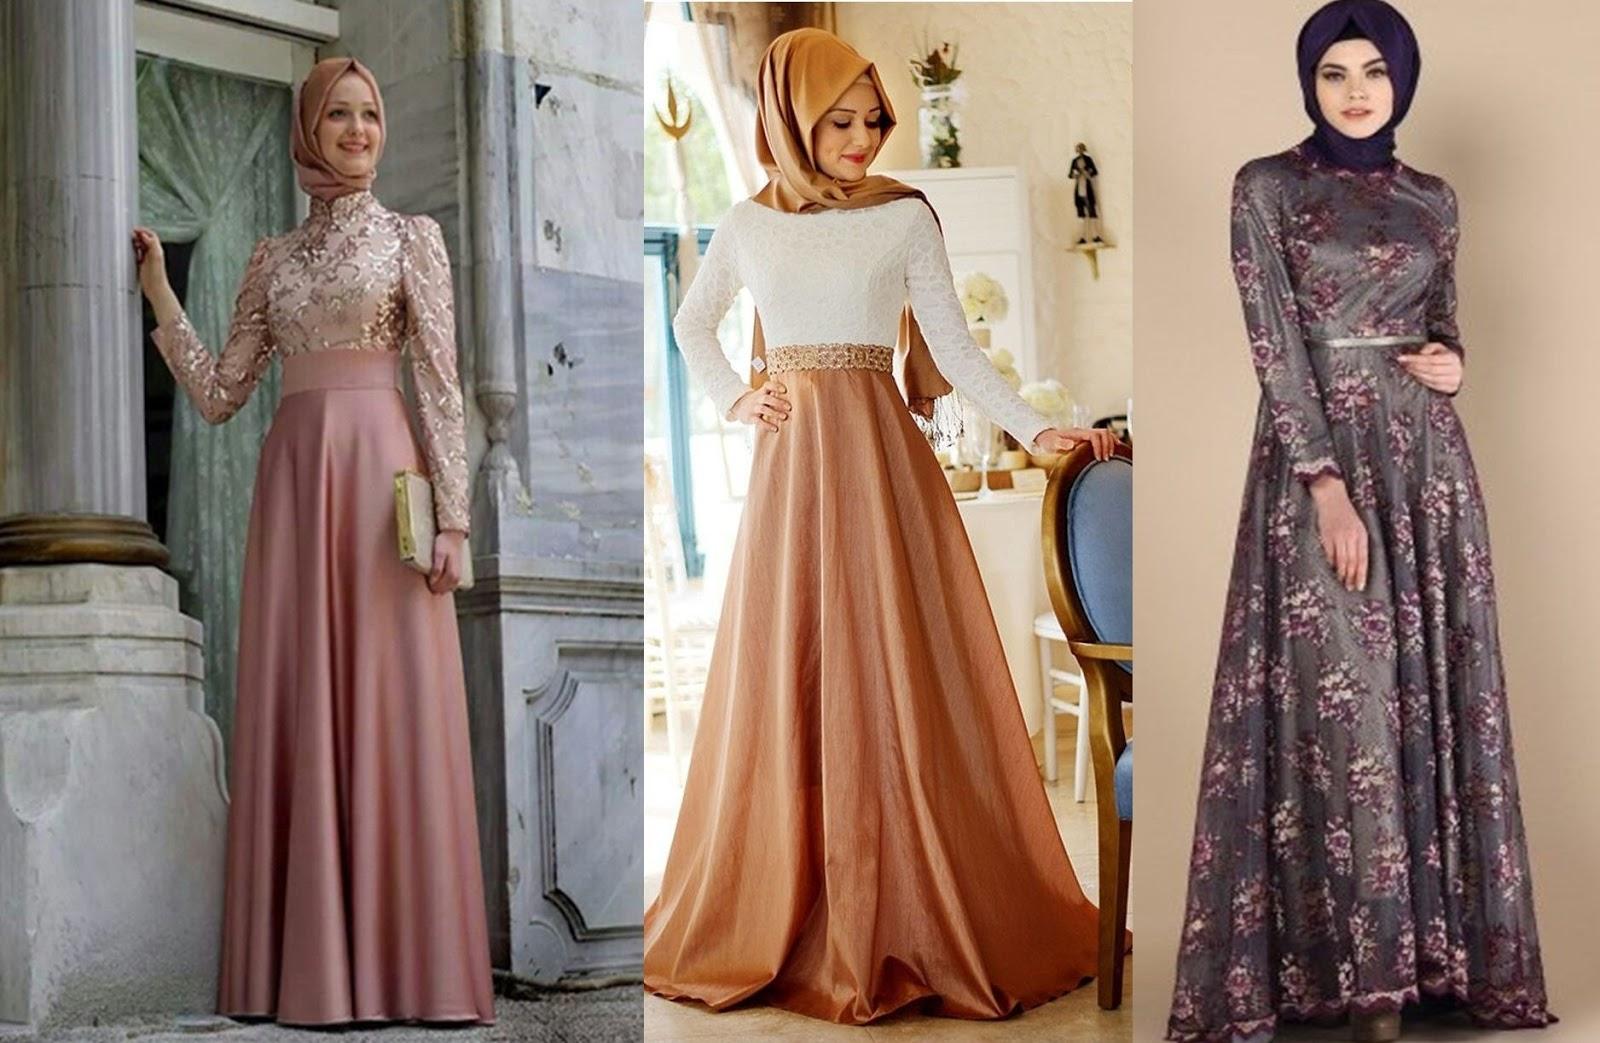 بالصور ملابس تركية للمحجبات , كولكشن جميل للملابس التركيه الخاصة بالمحجبات 5836 11